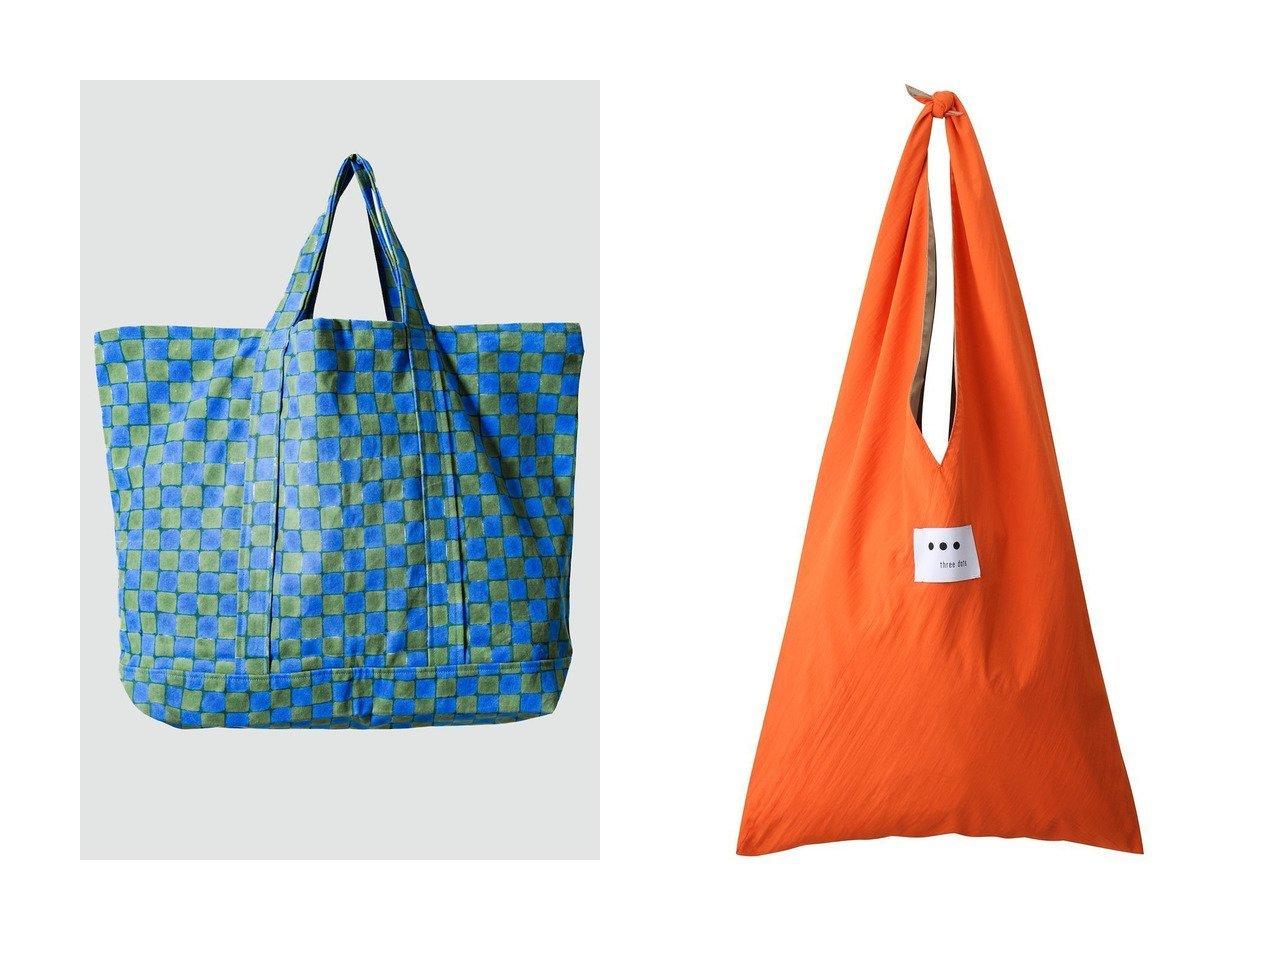 【three dots/スリー ドッツ】のBag nylon reversible バッグ&【SZ Blockprints/エスゼット ブロックプリント】の2 COLOR CHECK オーバーサイズコットントートバッグ 【バッグ・鞄】おすすめ!人気、トレンド・レディースファッションの通販 おすすめで人気の流行・トレンド、ファッションの通販商品 インテリア・家具・メンズファッション・キッズファッション・レディースファッション・服の通販 founy(ファニー) https://founy.com/ ファッション Fashion レディースファッション WOMEN バッグ Bag アウトドア インド キャンバス チェック ハンド ビビッド ブロック プリント シンプル トライアングル リバーシブル |ID:crp329100000043325